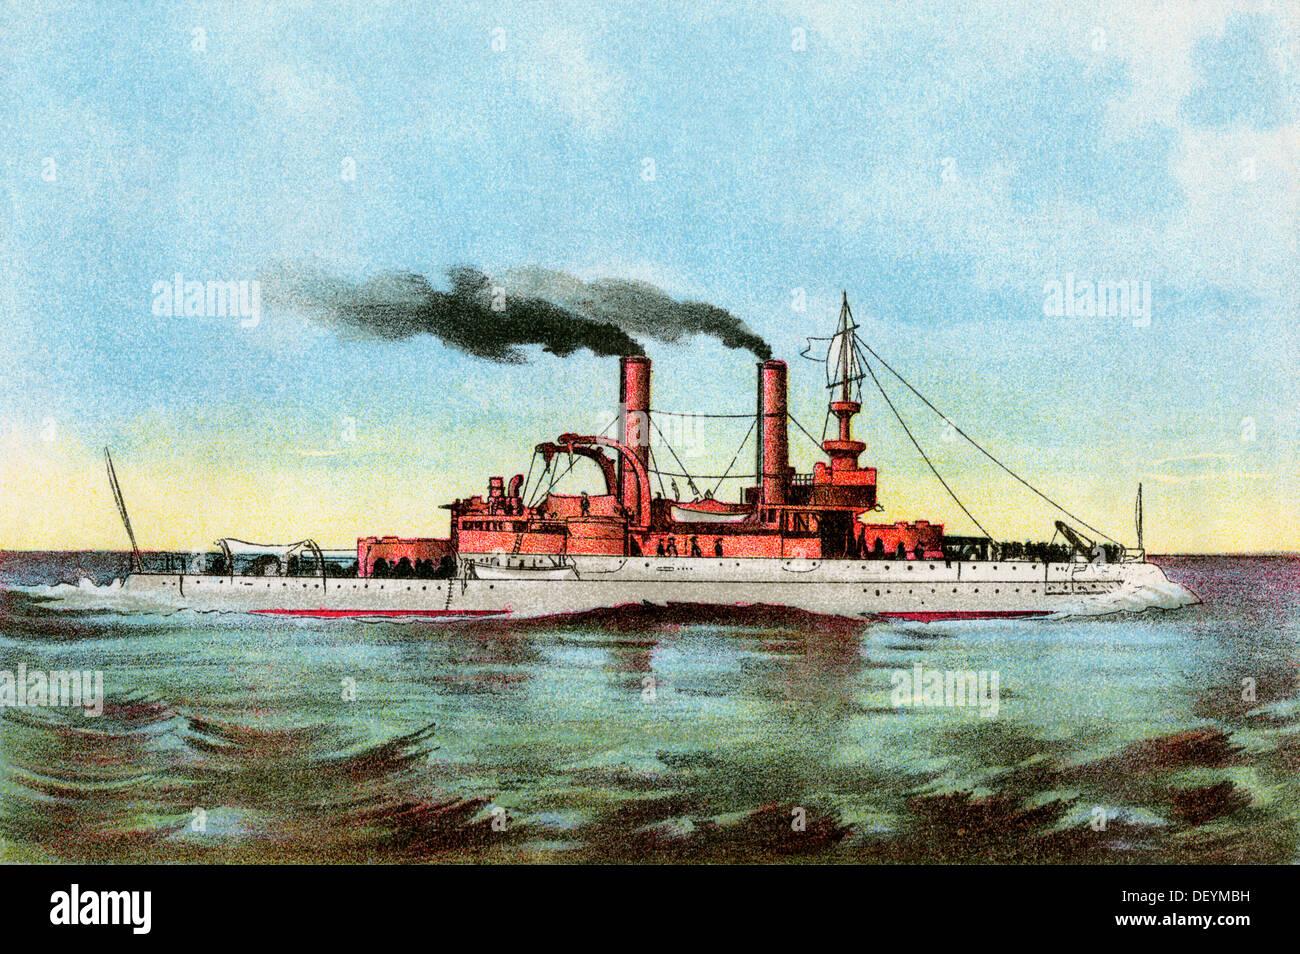 El acorazado estadounidense 'Iowa' circa 1900. Litografía de color Imagen De Stock